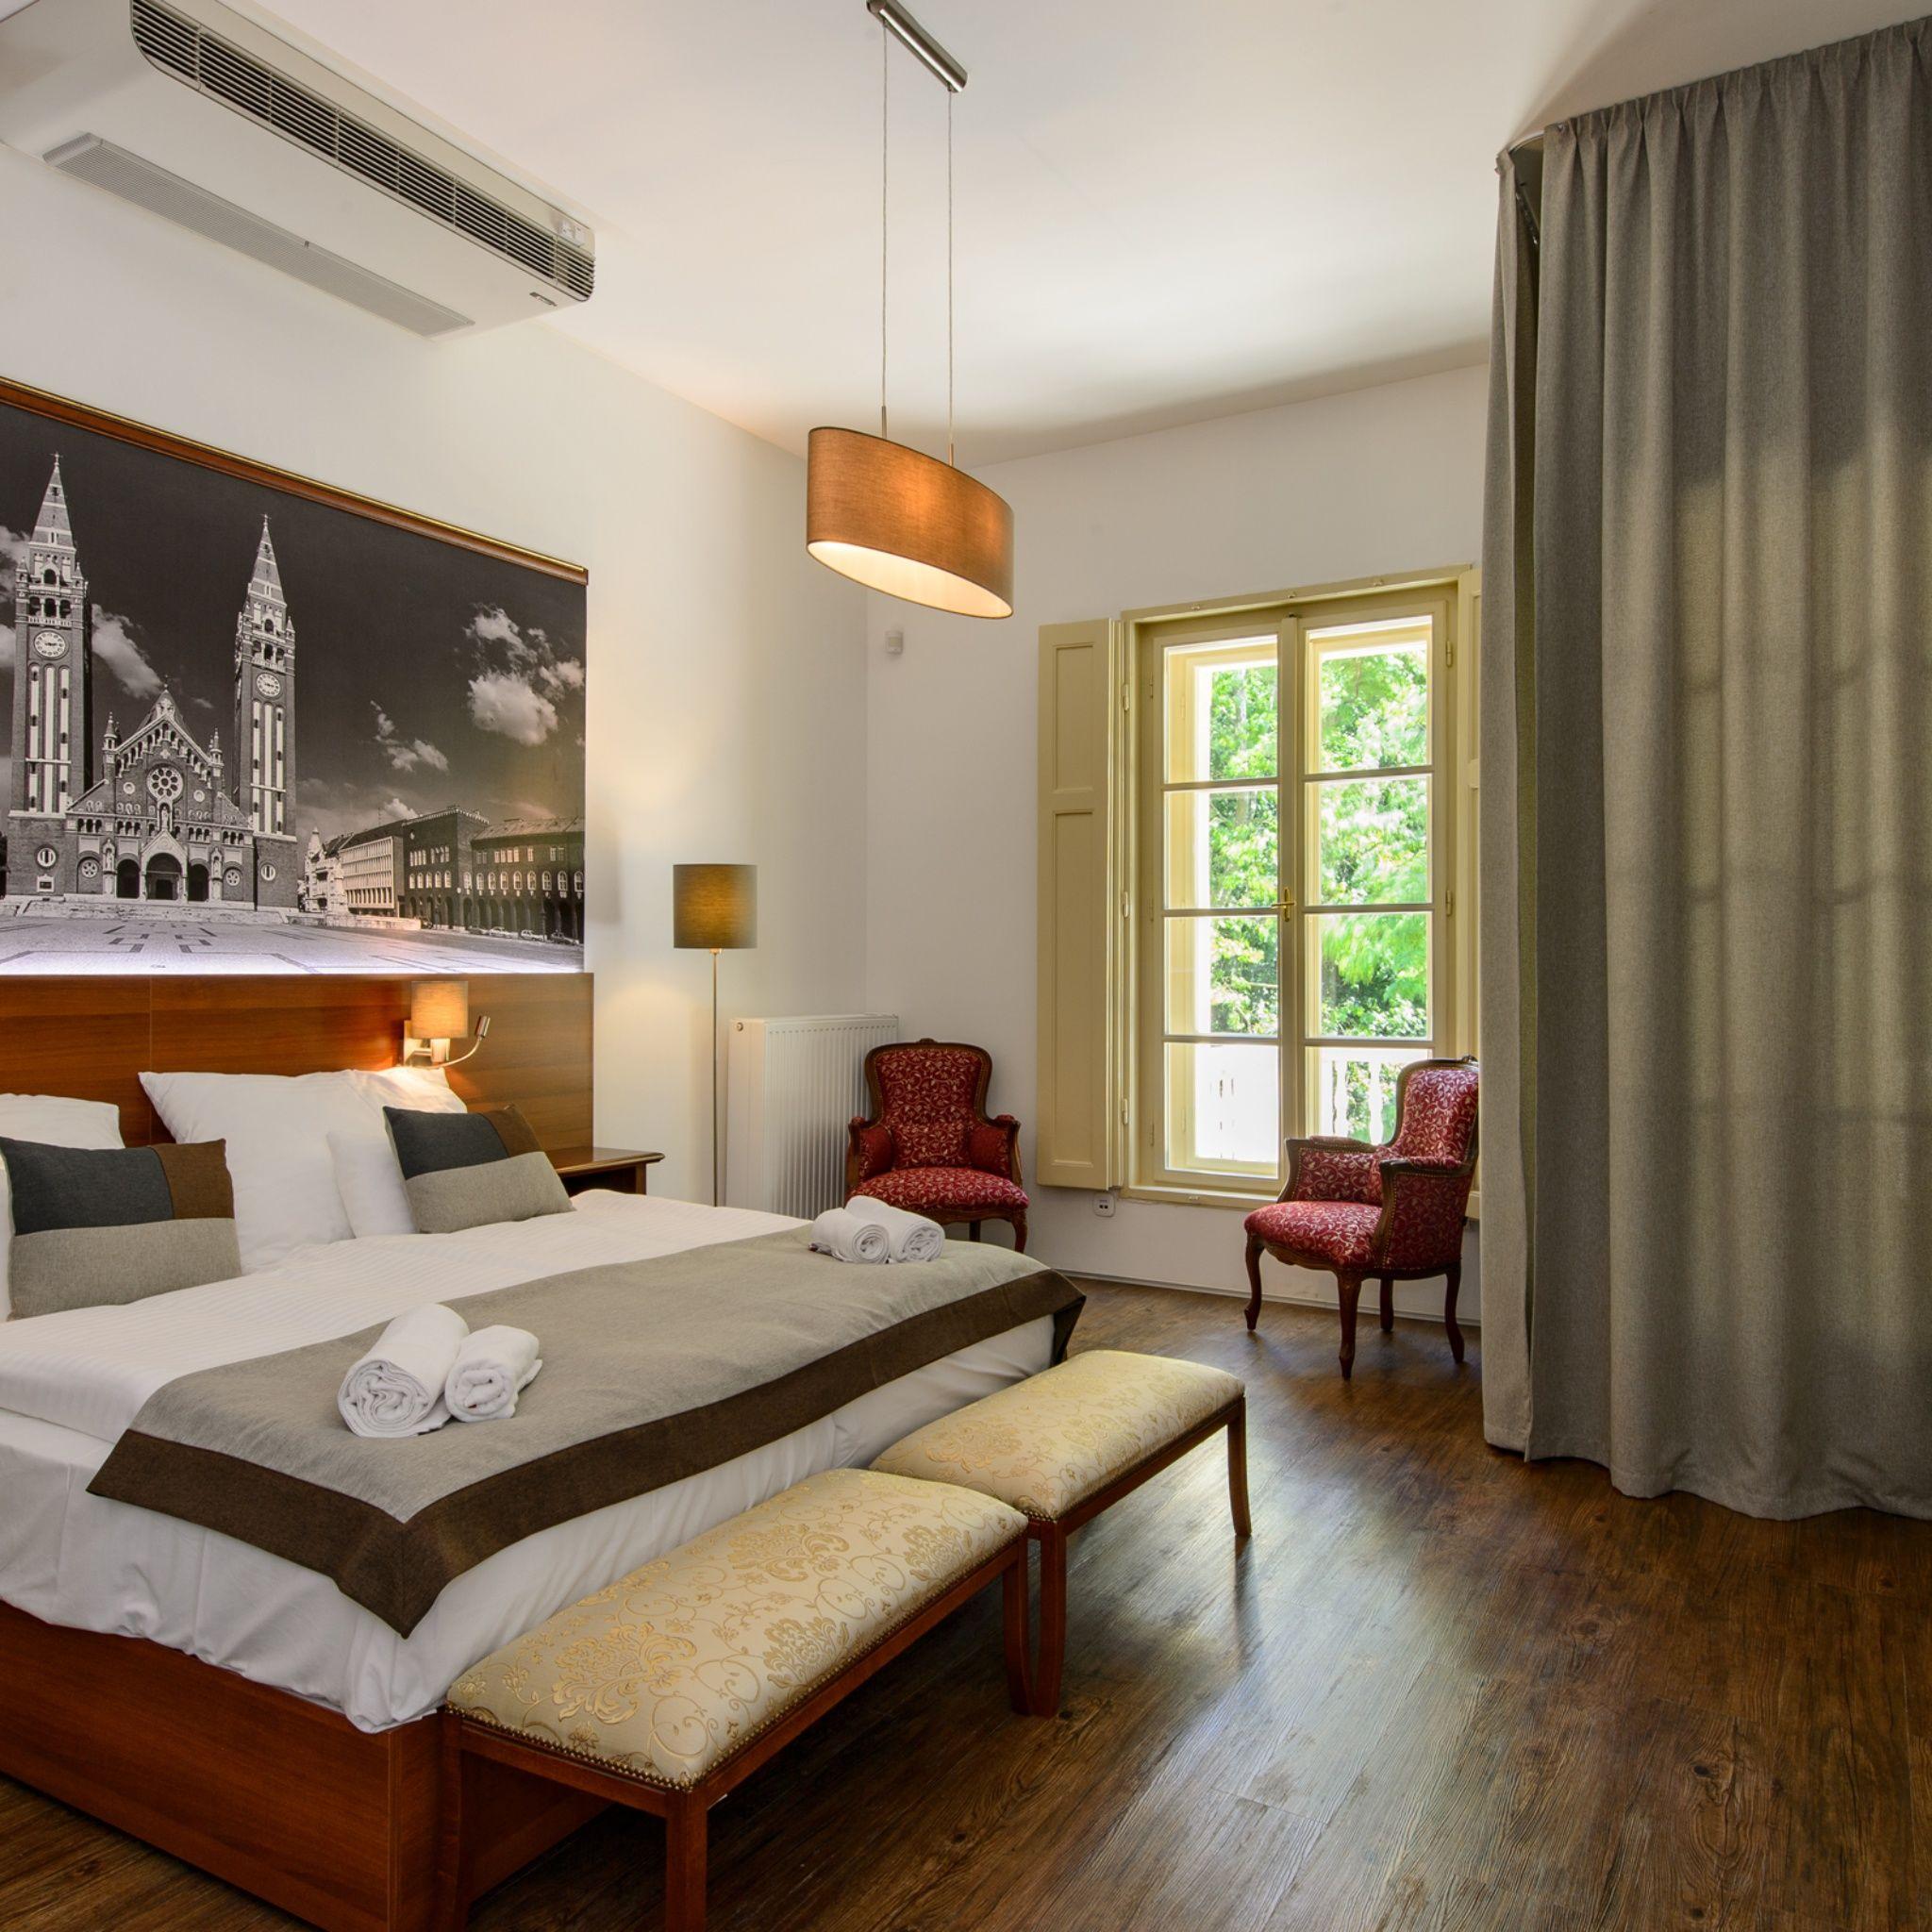 Klebelsberg Kastély Hotel Budapest - Classic elegance kétágyas szoba